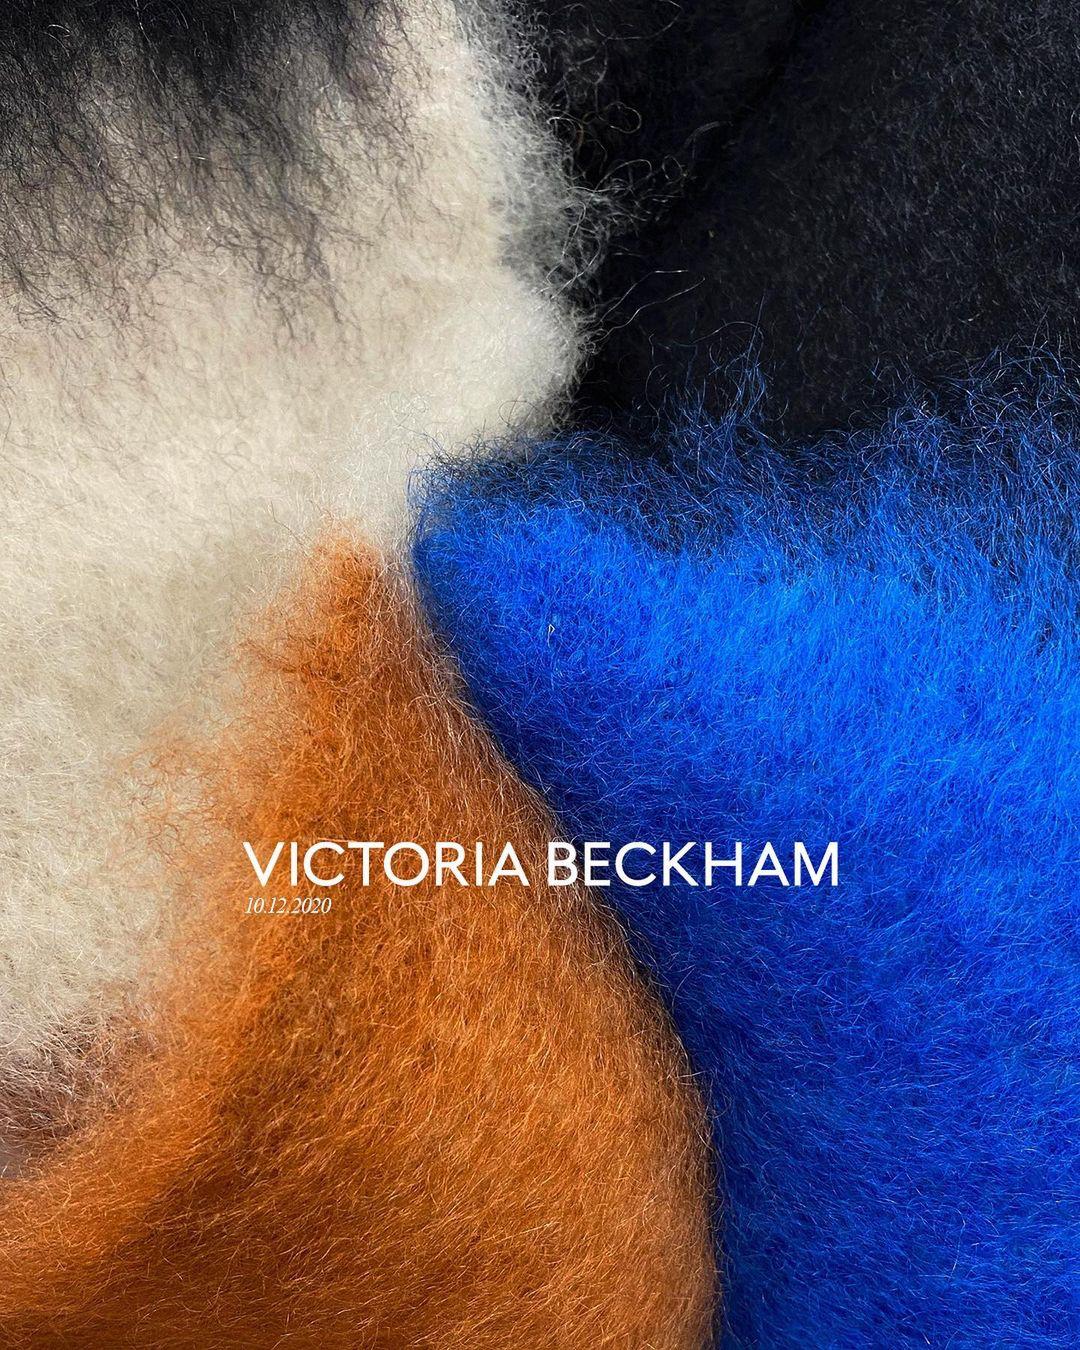 Виктория Бекхэм выпустила коллекцию домашнего текстиля